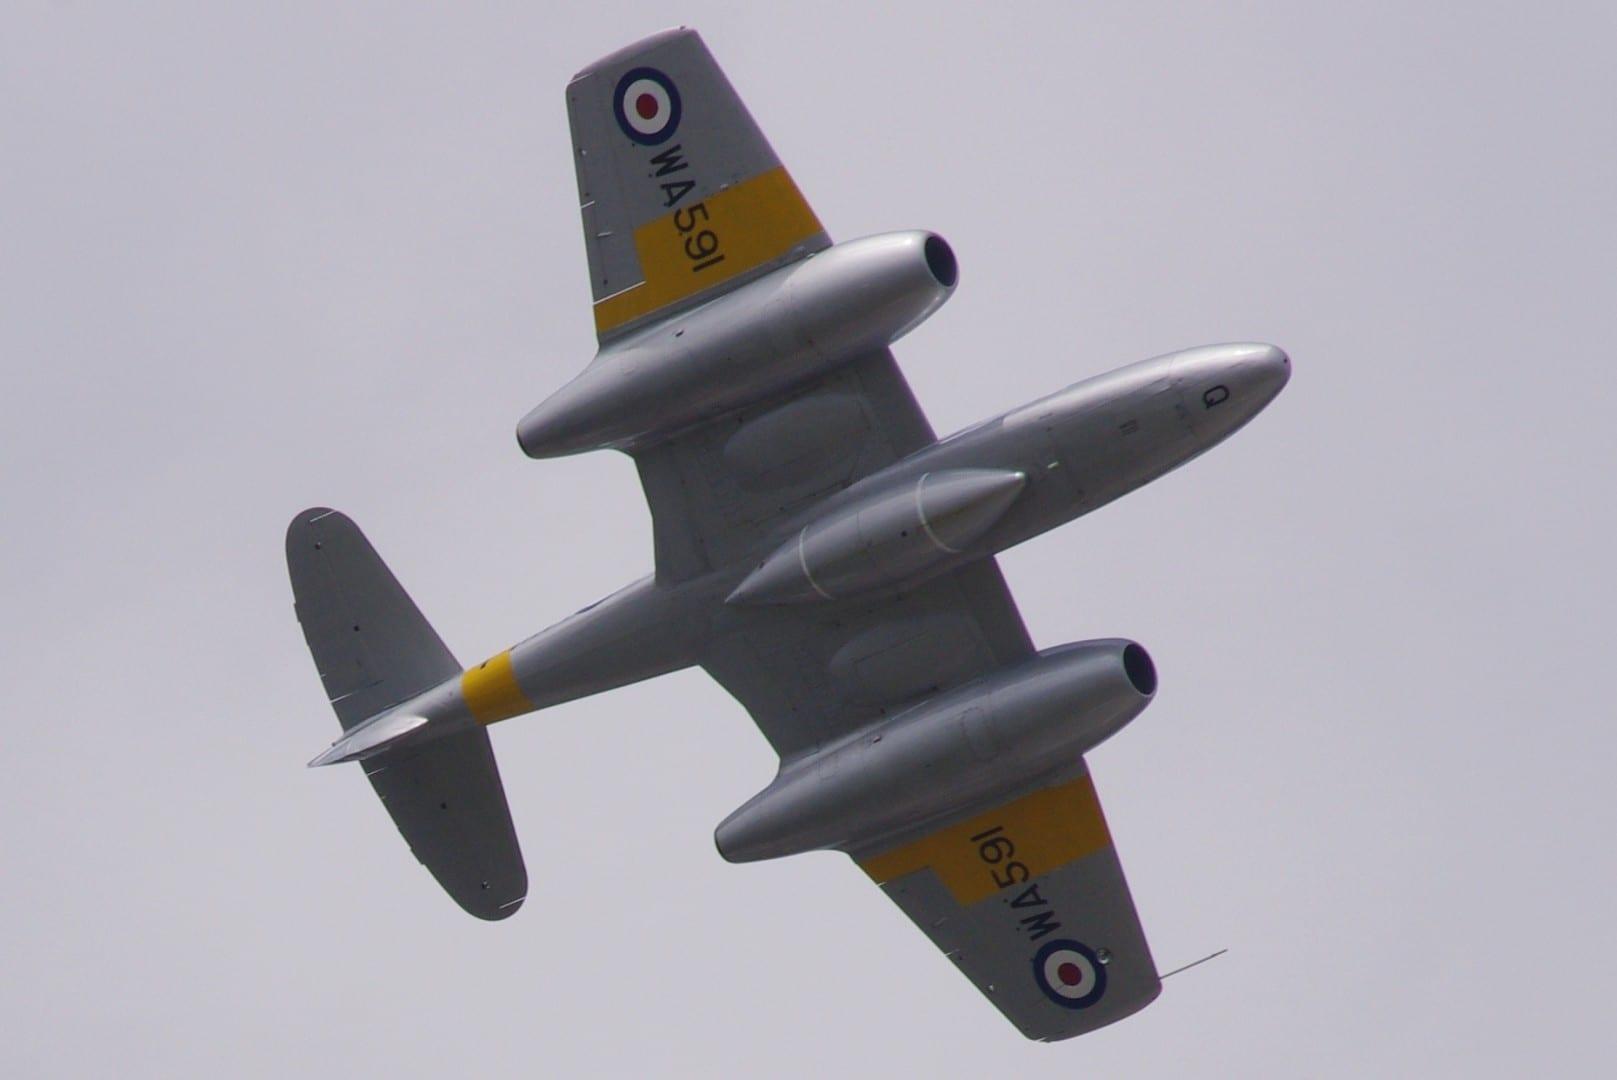 El Gloster Meteor, uno de los primeros aviones a reacción, fue desarrollado en Farnborough durante la Segunda Guerra Mundial. Aquí se lo ve volando en el 2014 I Farnborough Reino Unido